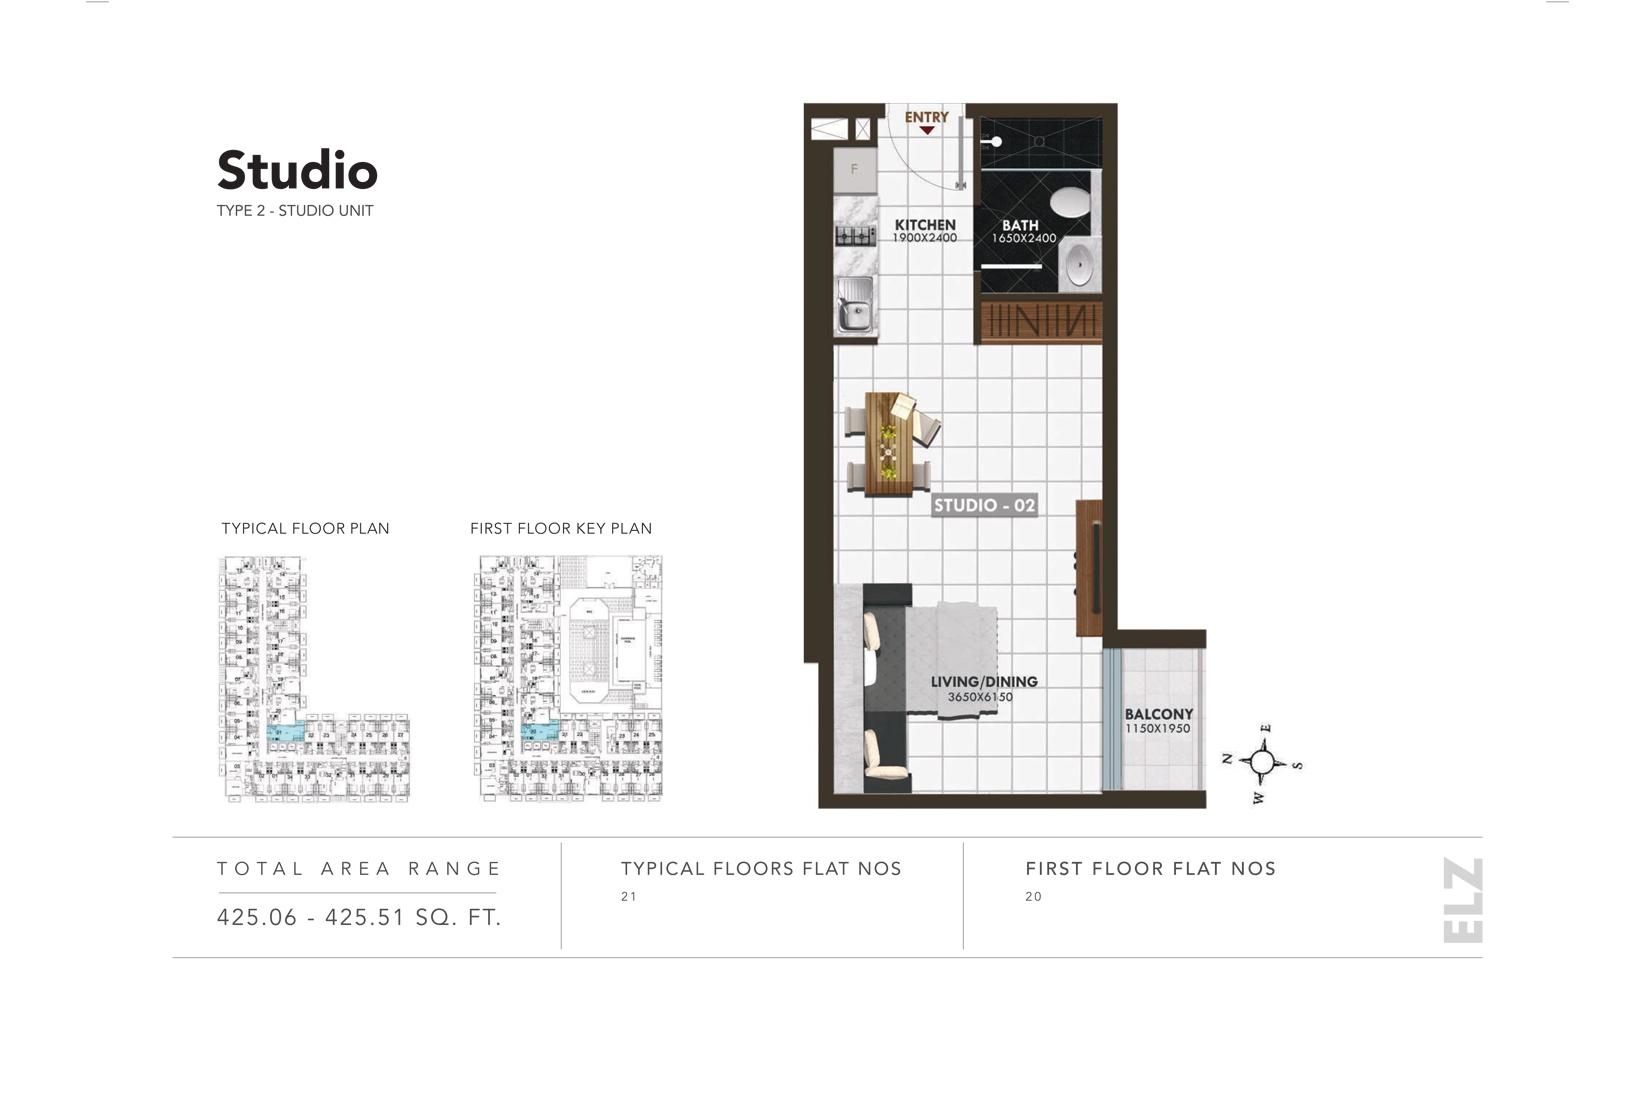 Studio Type 2, Size 425.06 - 425.51 Sq.ft.